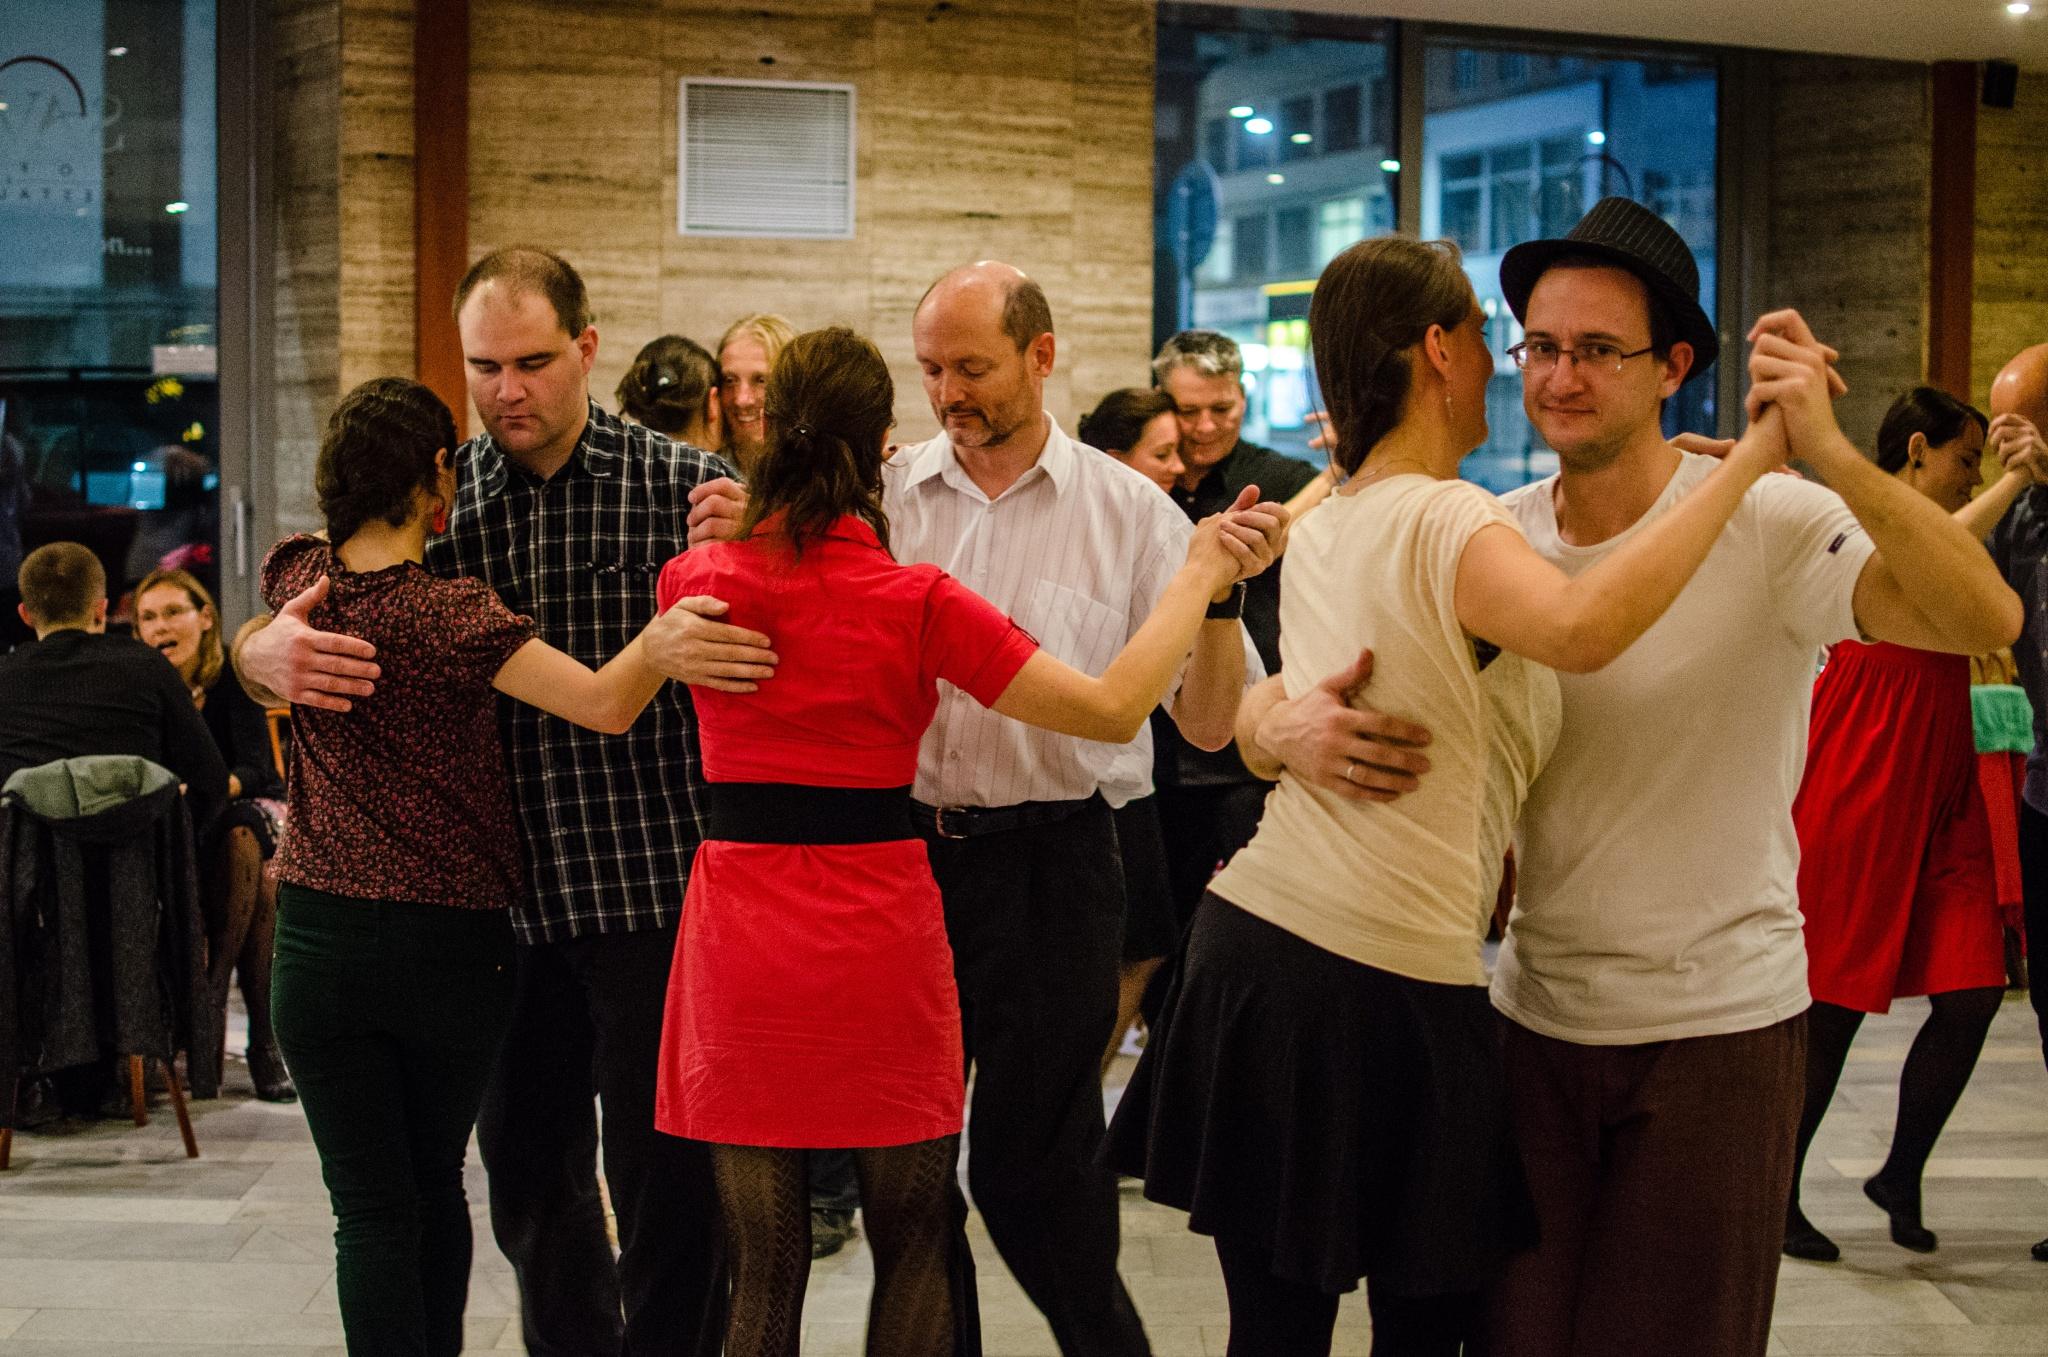 Kurzy argentinského tanga v Brně